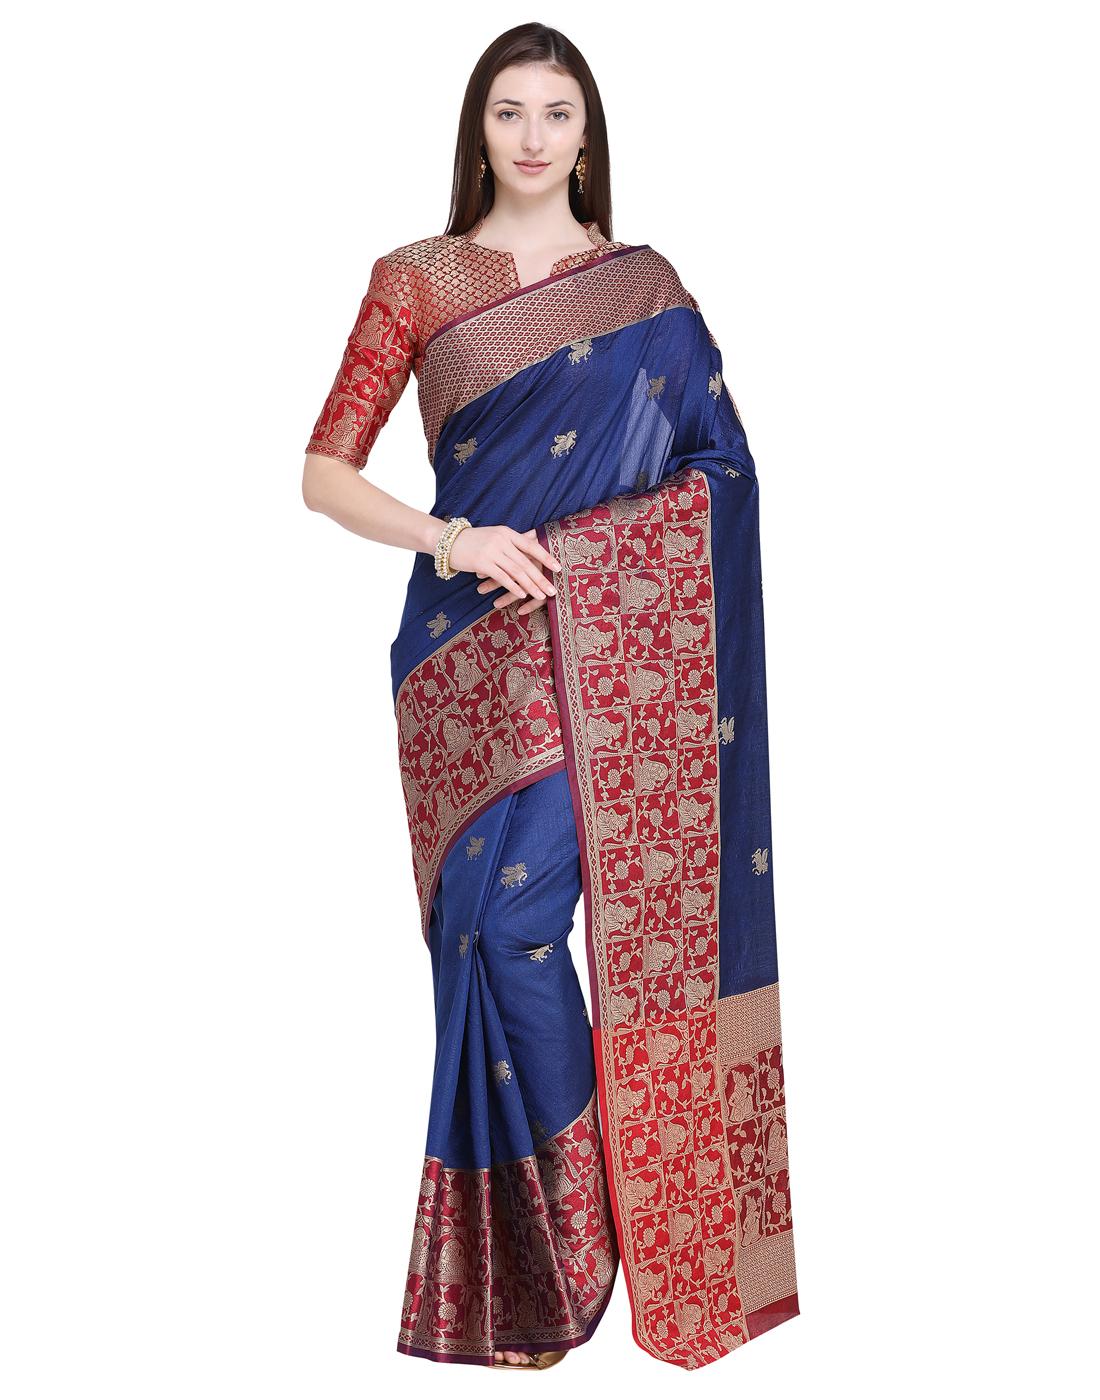 d7700569c3 Navy blue woven silk blend saree with blouse - Saree Swarg - 2804342